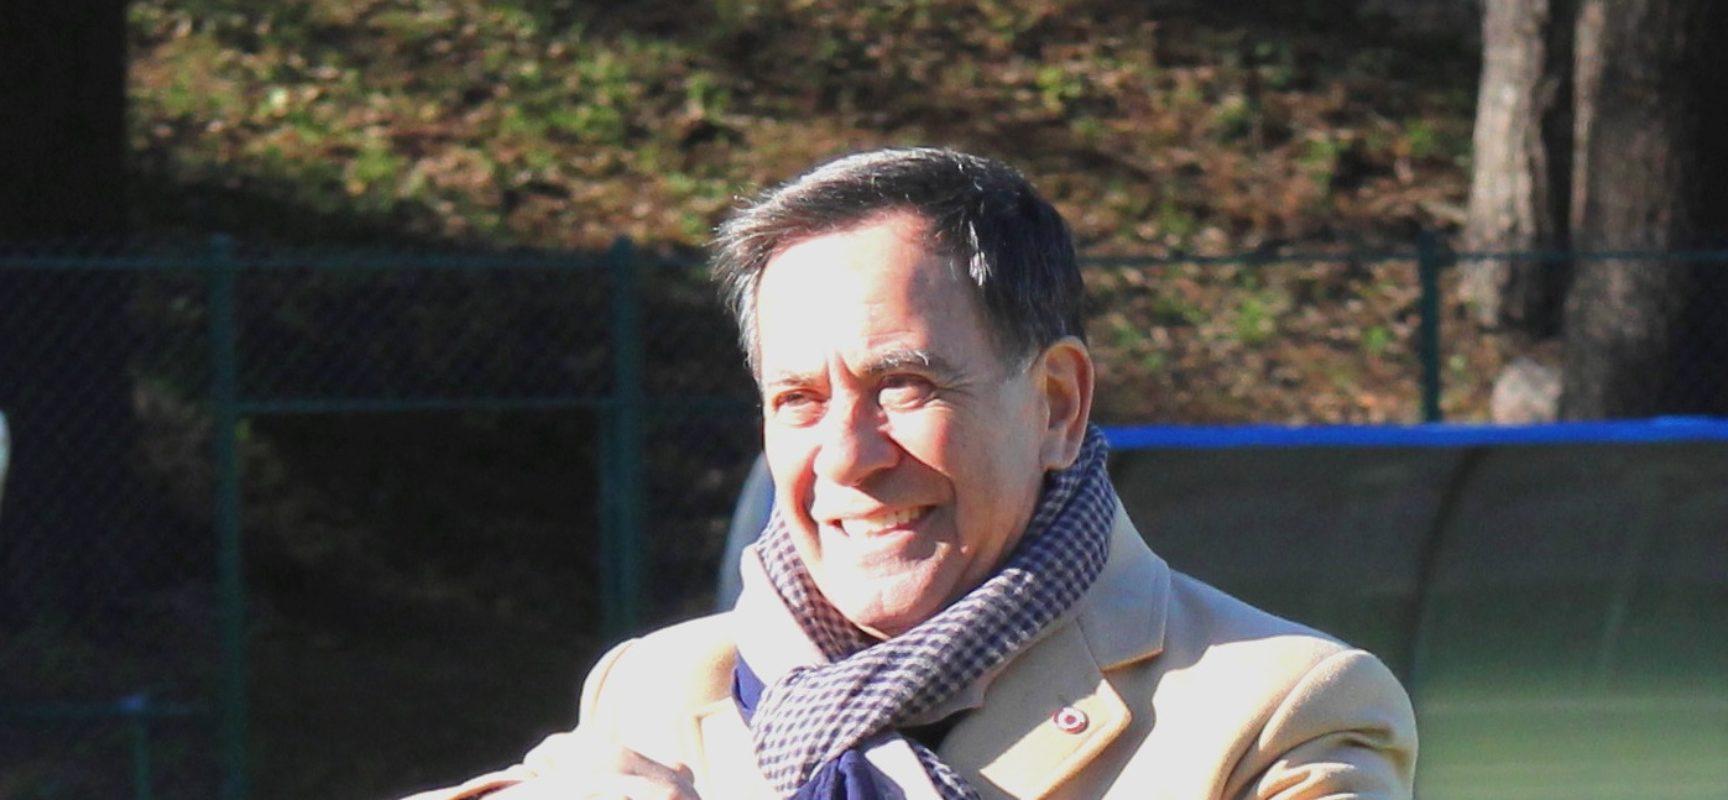 SFF Atletico – Trastevere, le osservazioni del Presidente Betturri